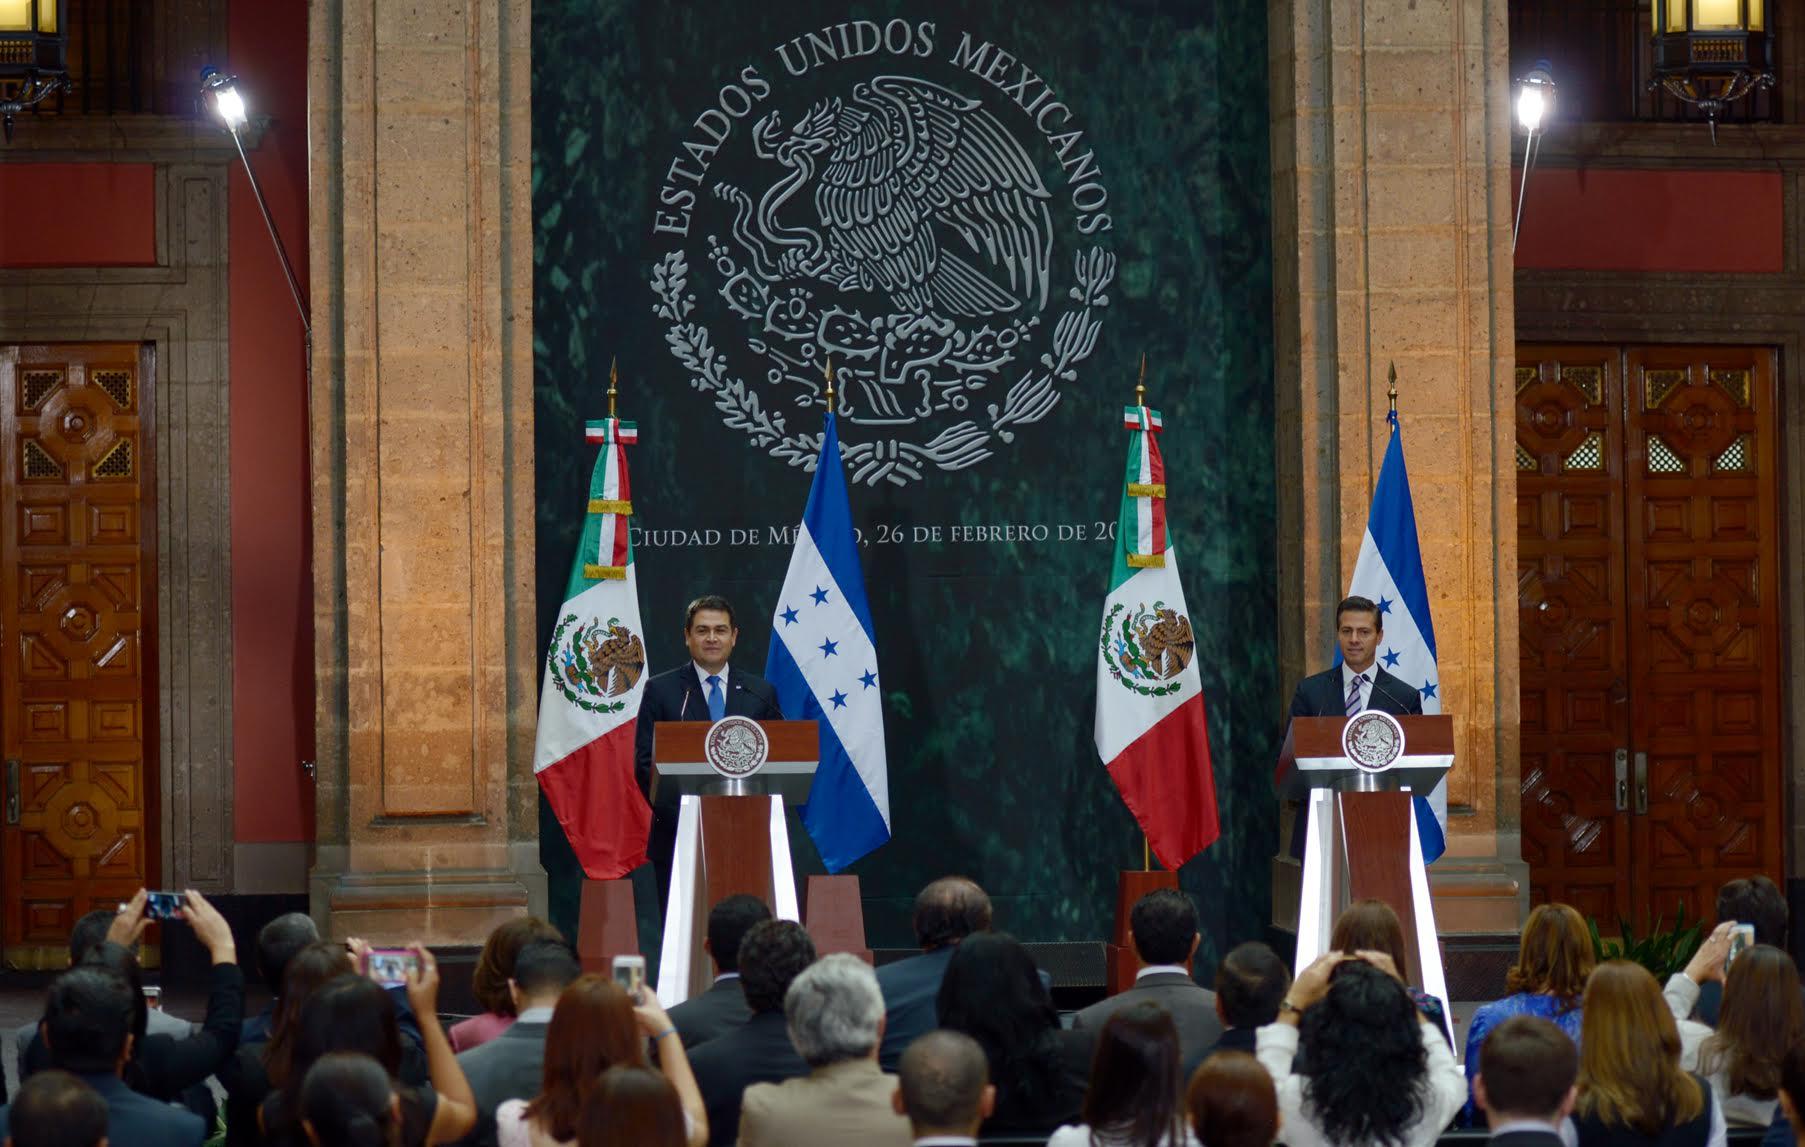 """""""México también reconoce los esfuerzos institucionales que el Gobierno de Honduras ha emprendido, bajo el liderazgo del Presidente de Honduras, para transformarse, para lograr una mayor consolidación institucional, y para realmente impulsar"""": EPN"""